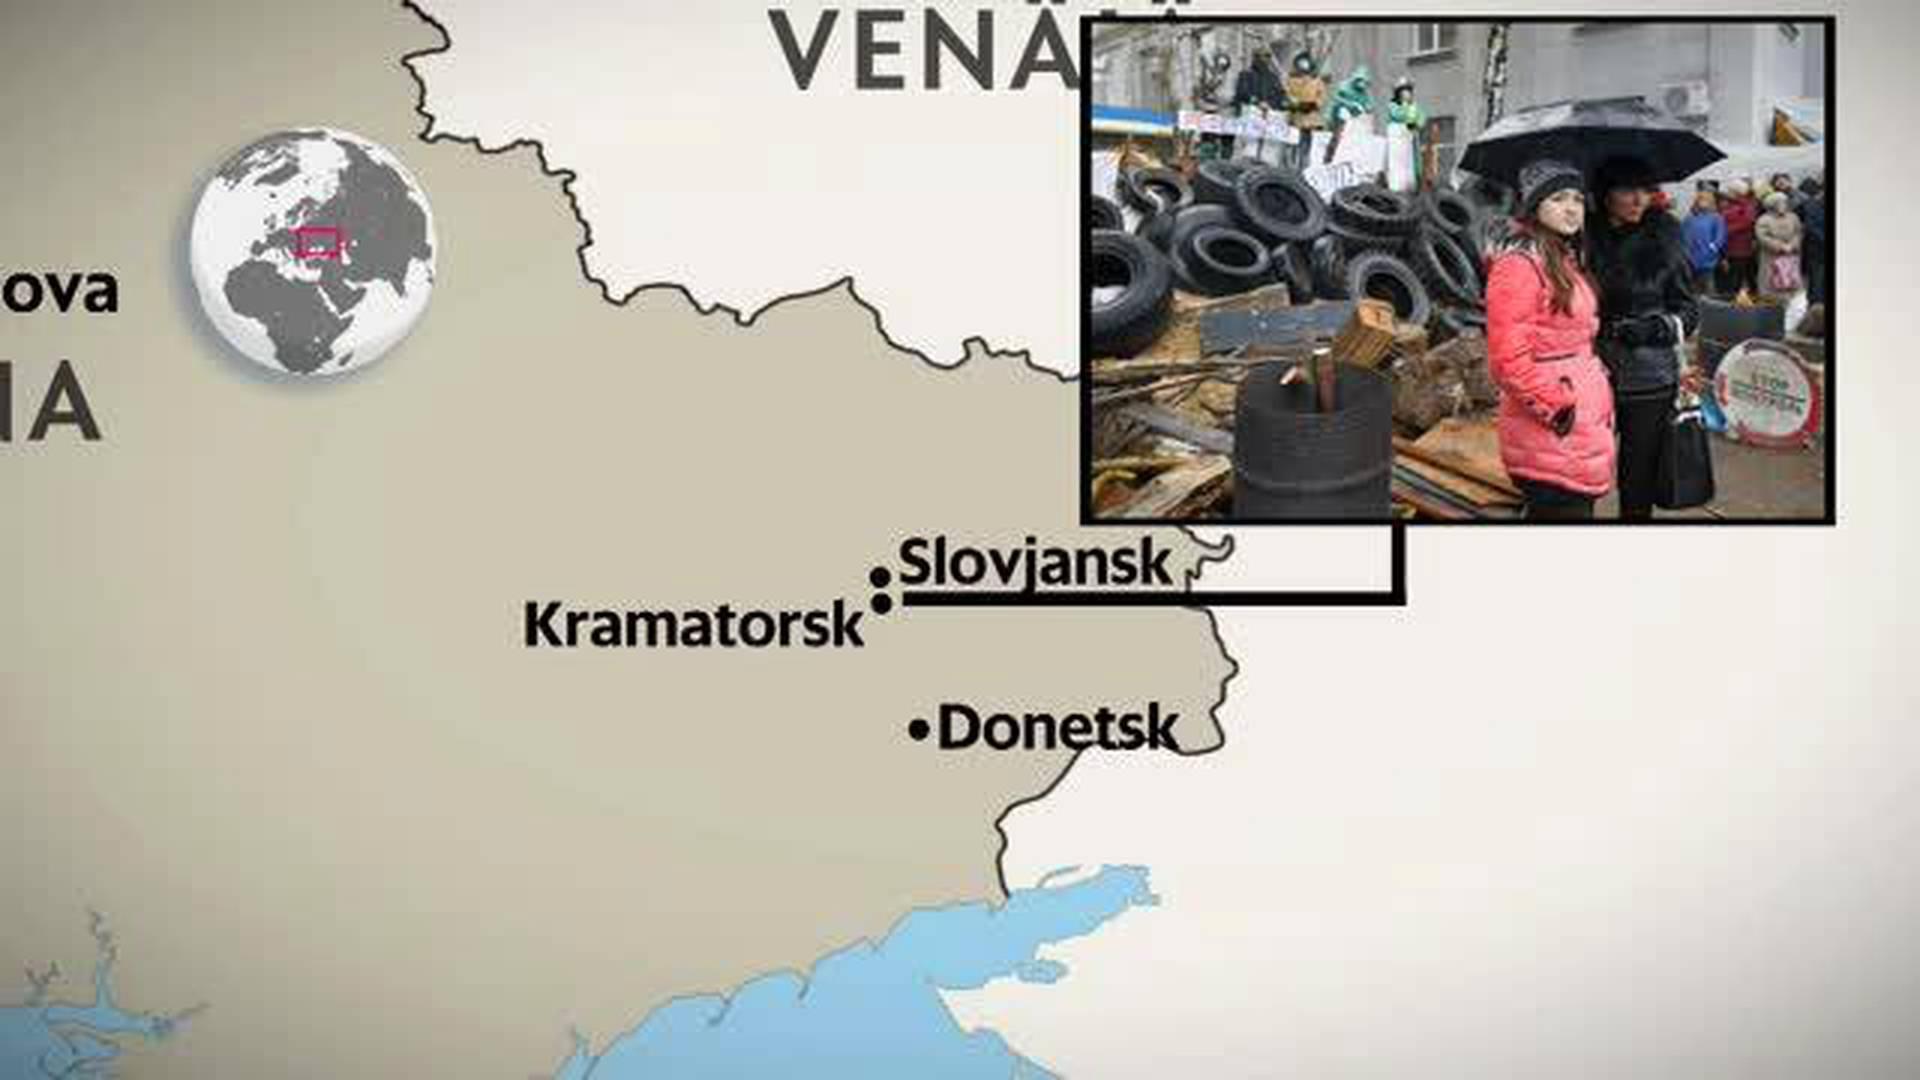 Ukraina Venajan Toimista Todisteita Eu Neuvottelee Uusista